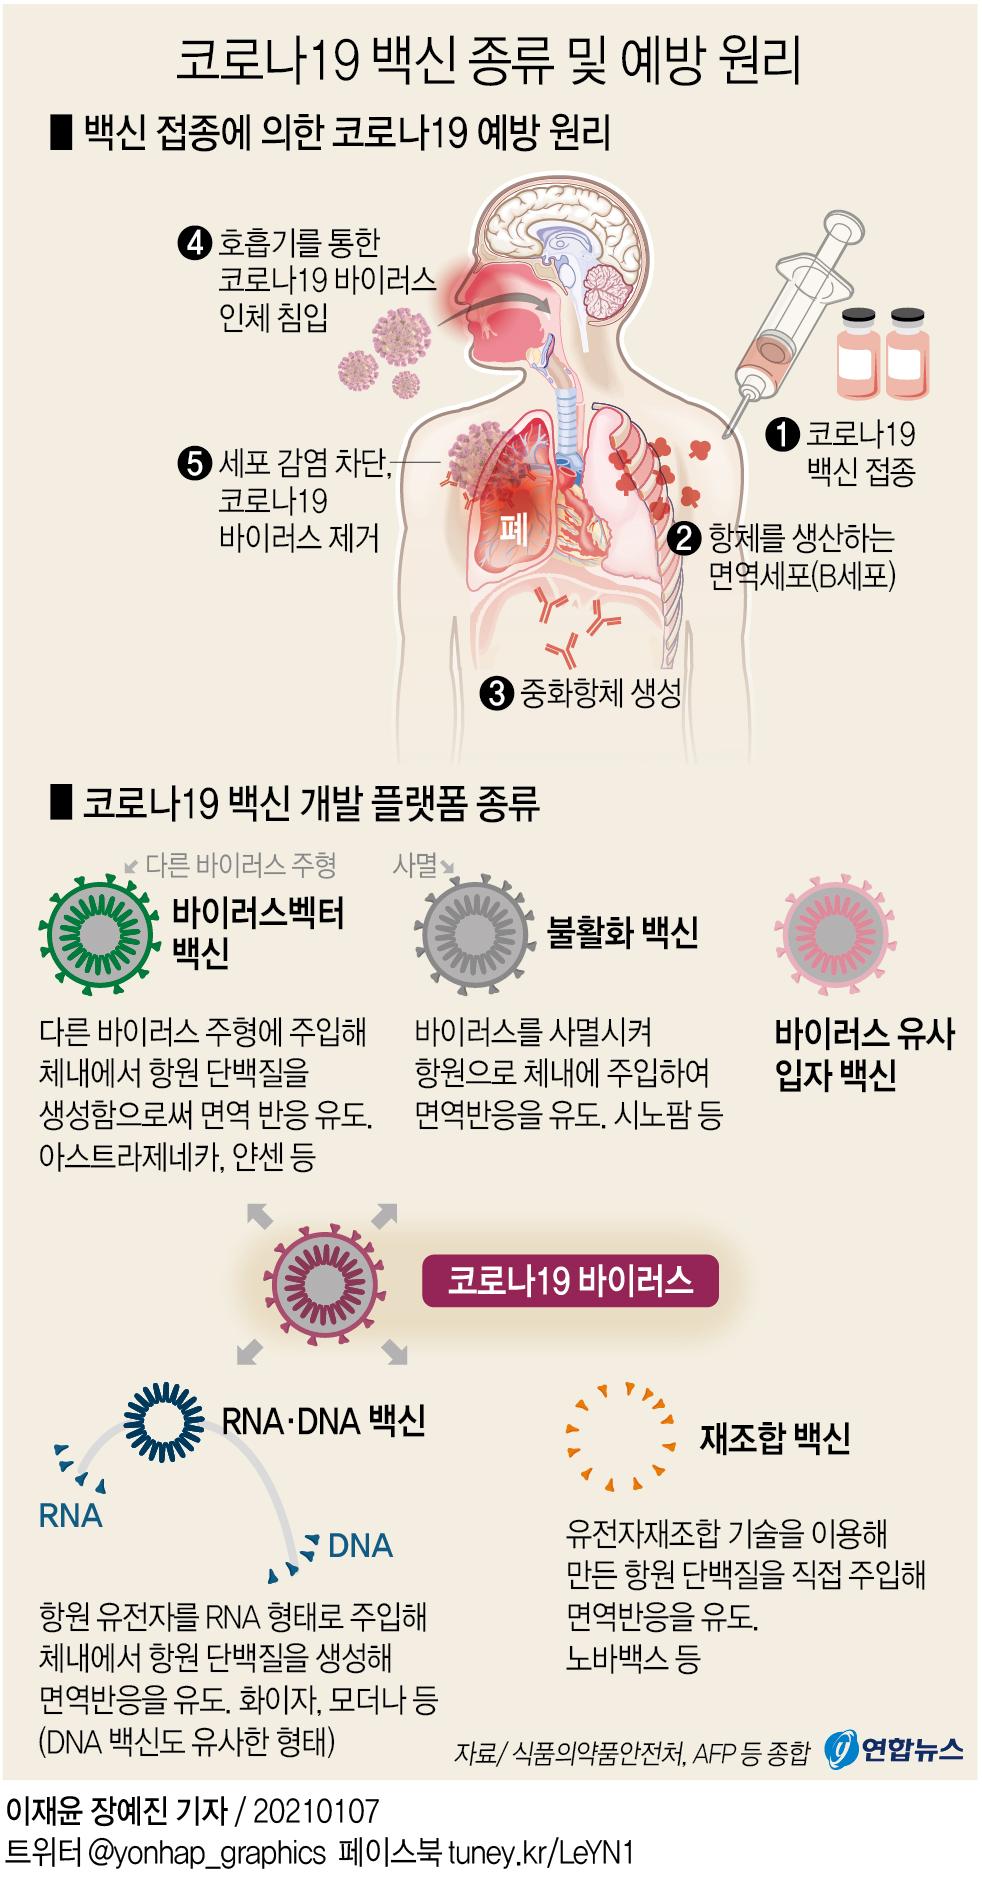 [그래픽] 코로나19 백신 종류 및 예방 원리